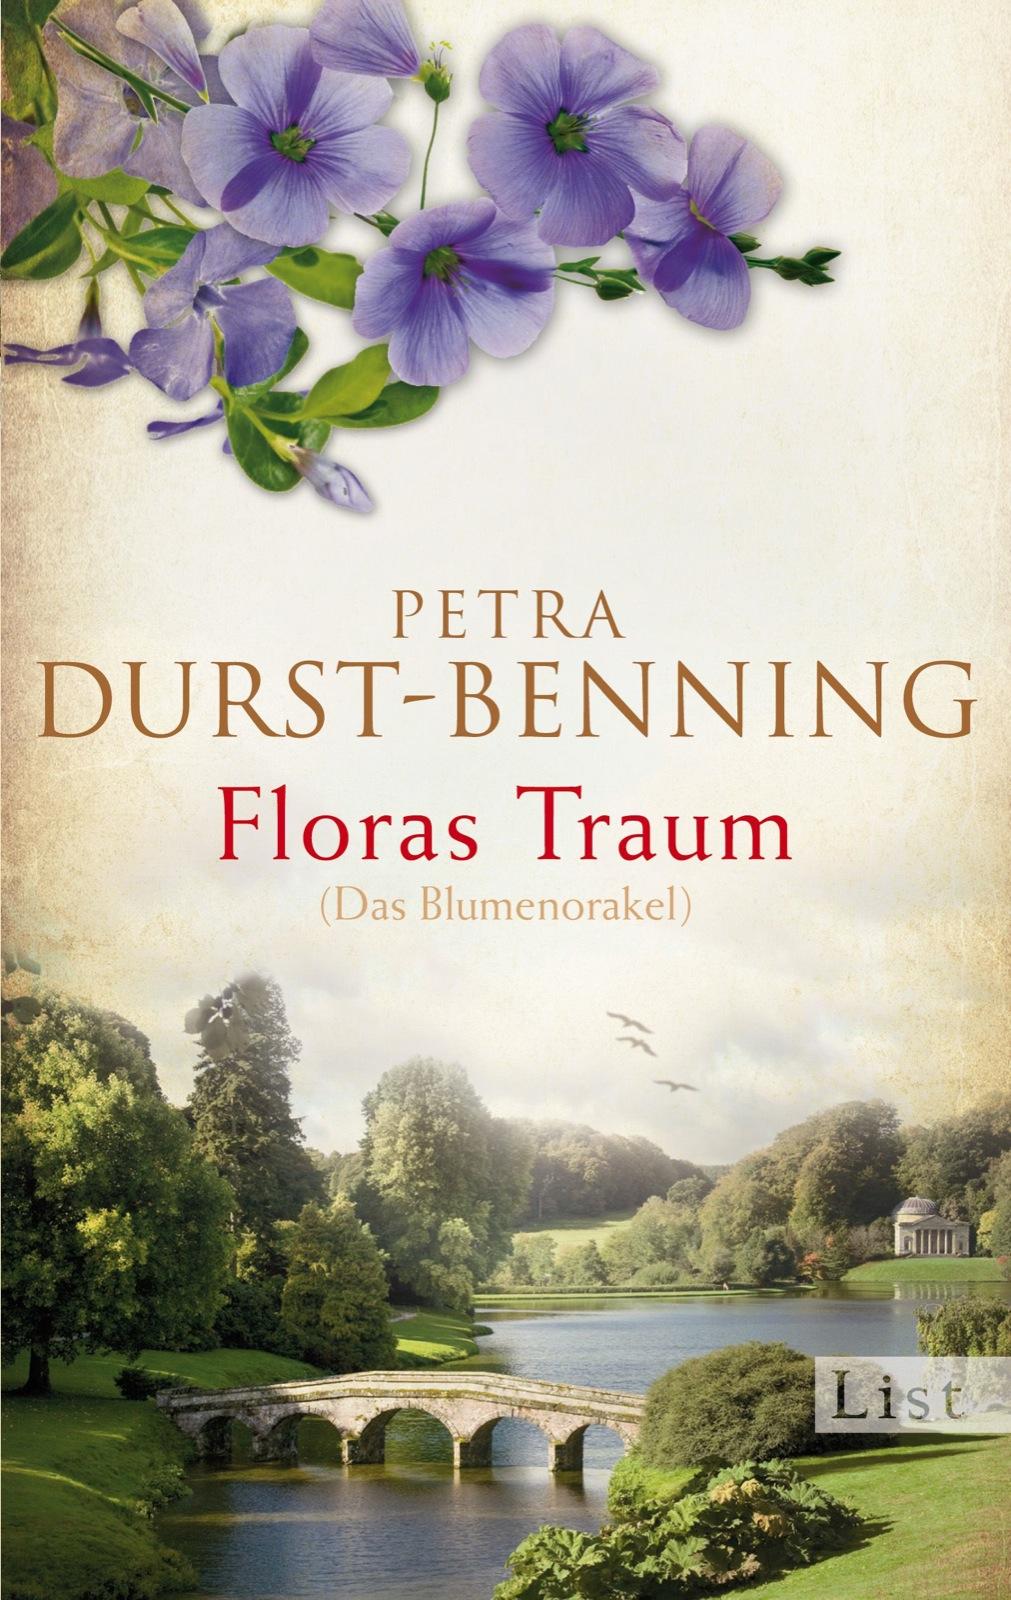 Floras Traum (Das Blumenorakel) - Petra Durst-Benning